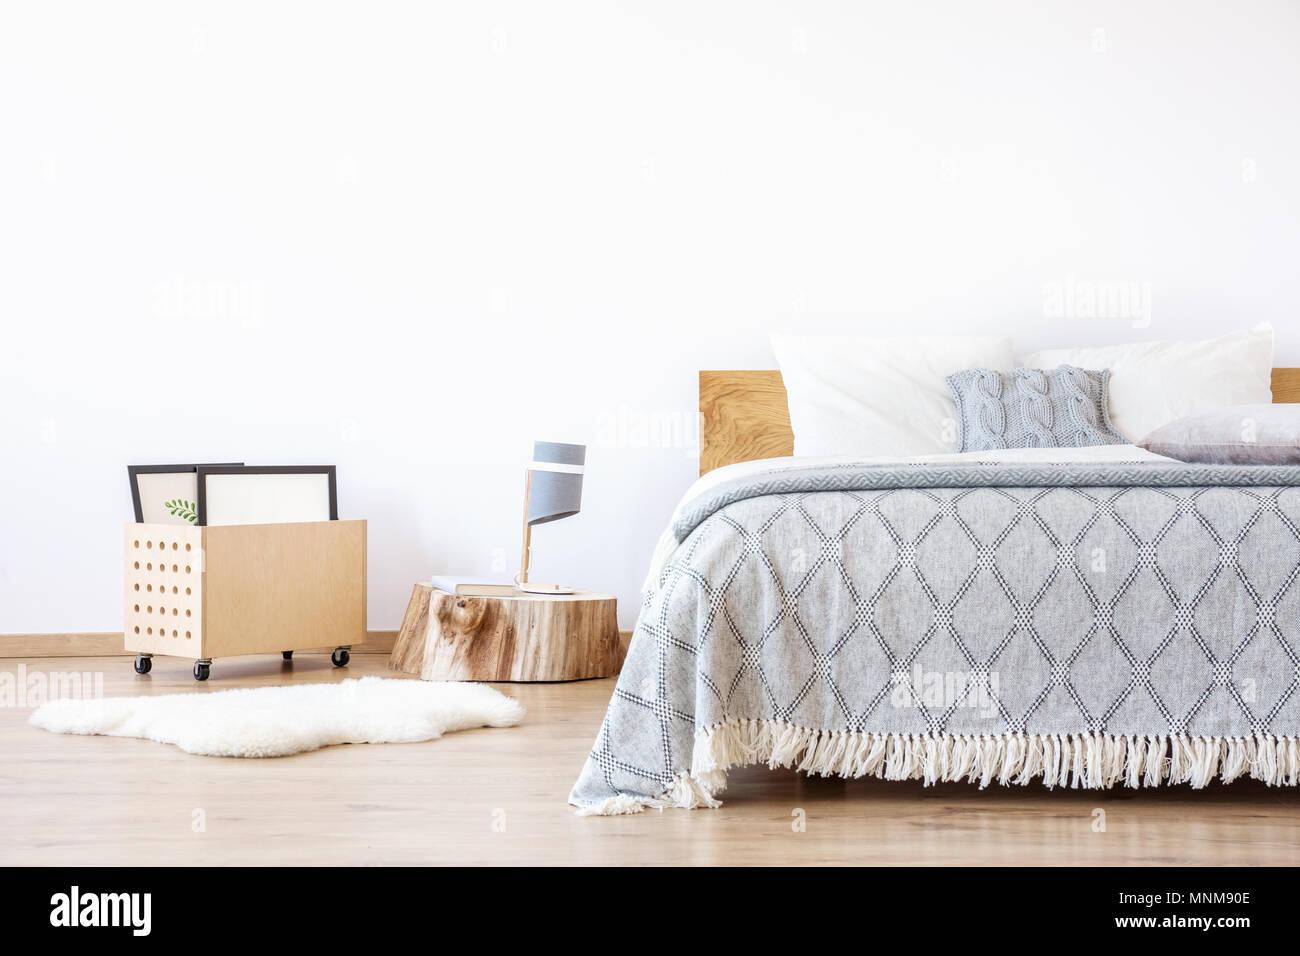 Lampada di design sul moncone di legno e tappeto bianco in camera